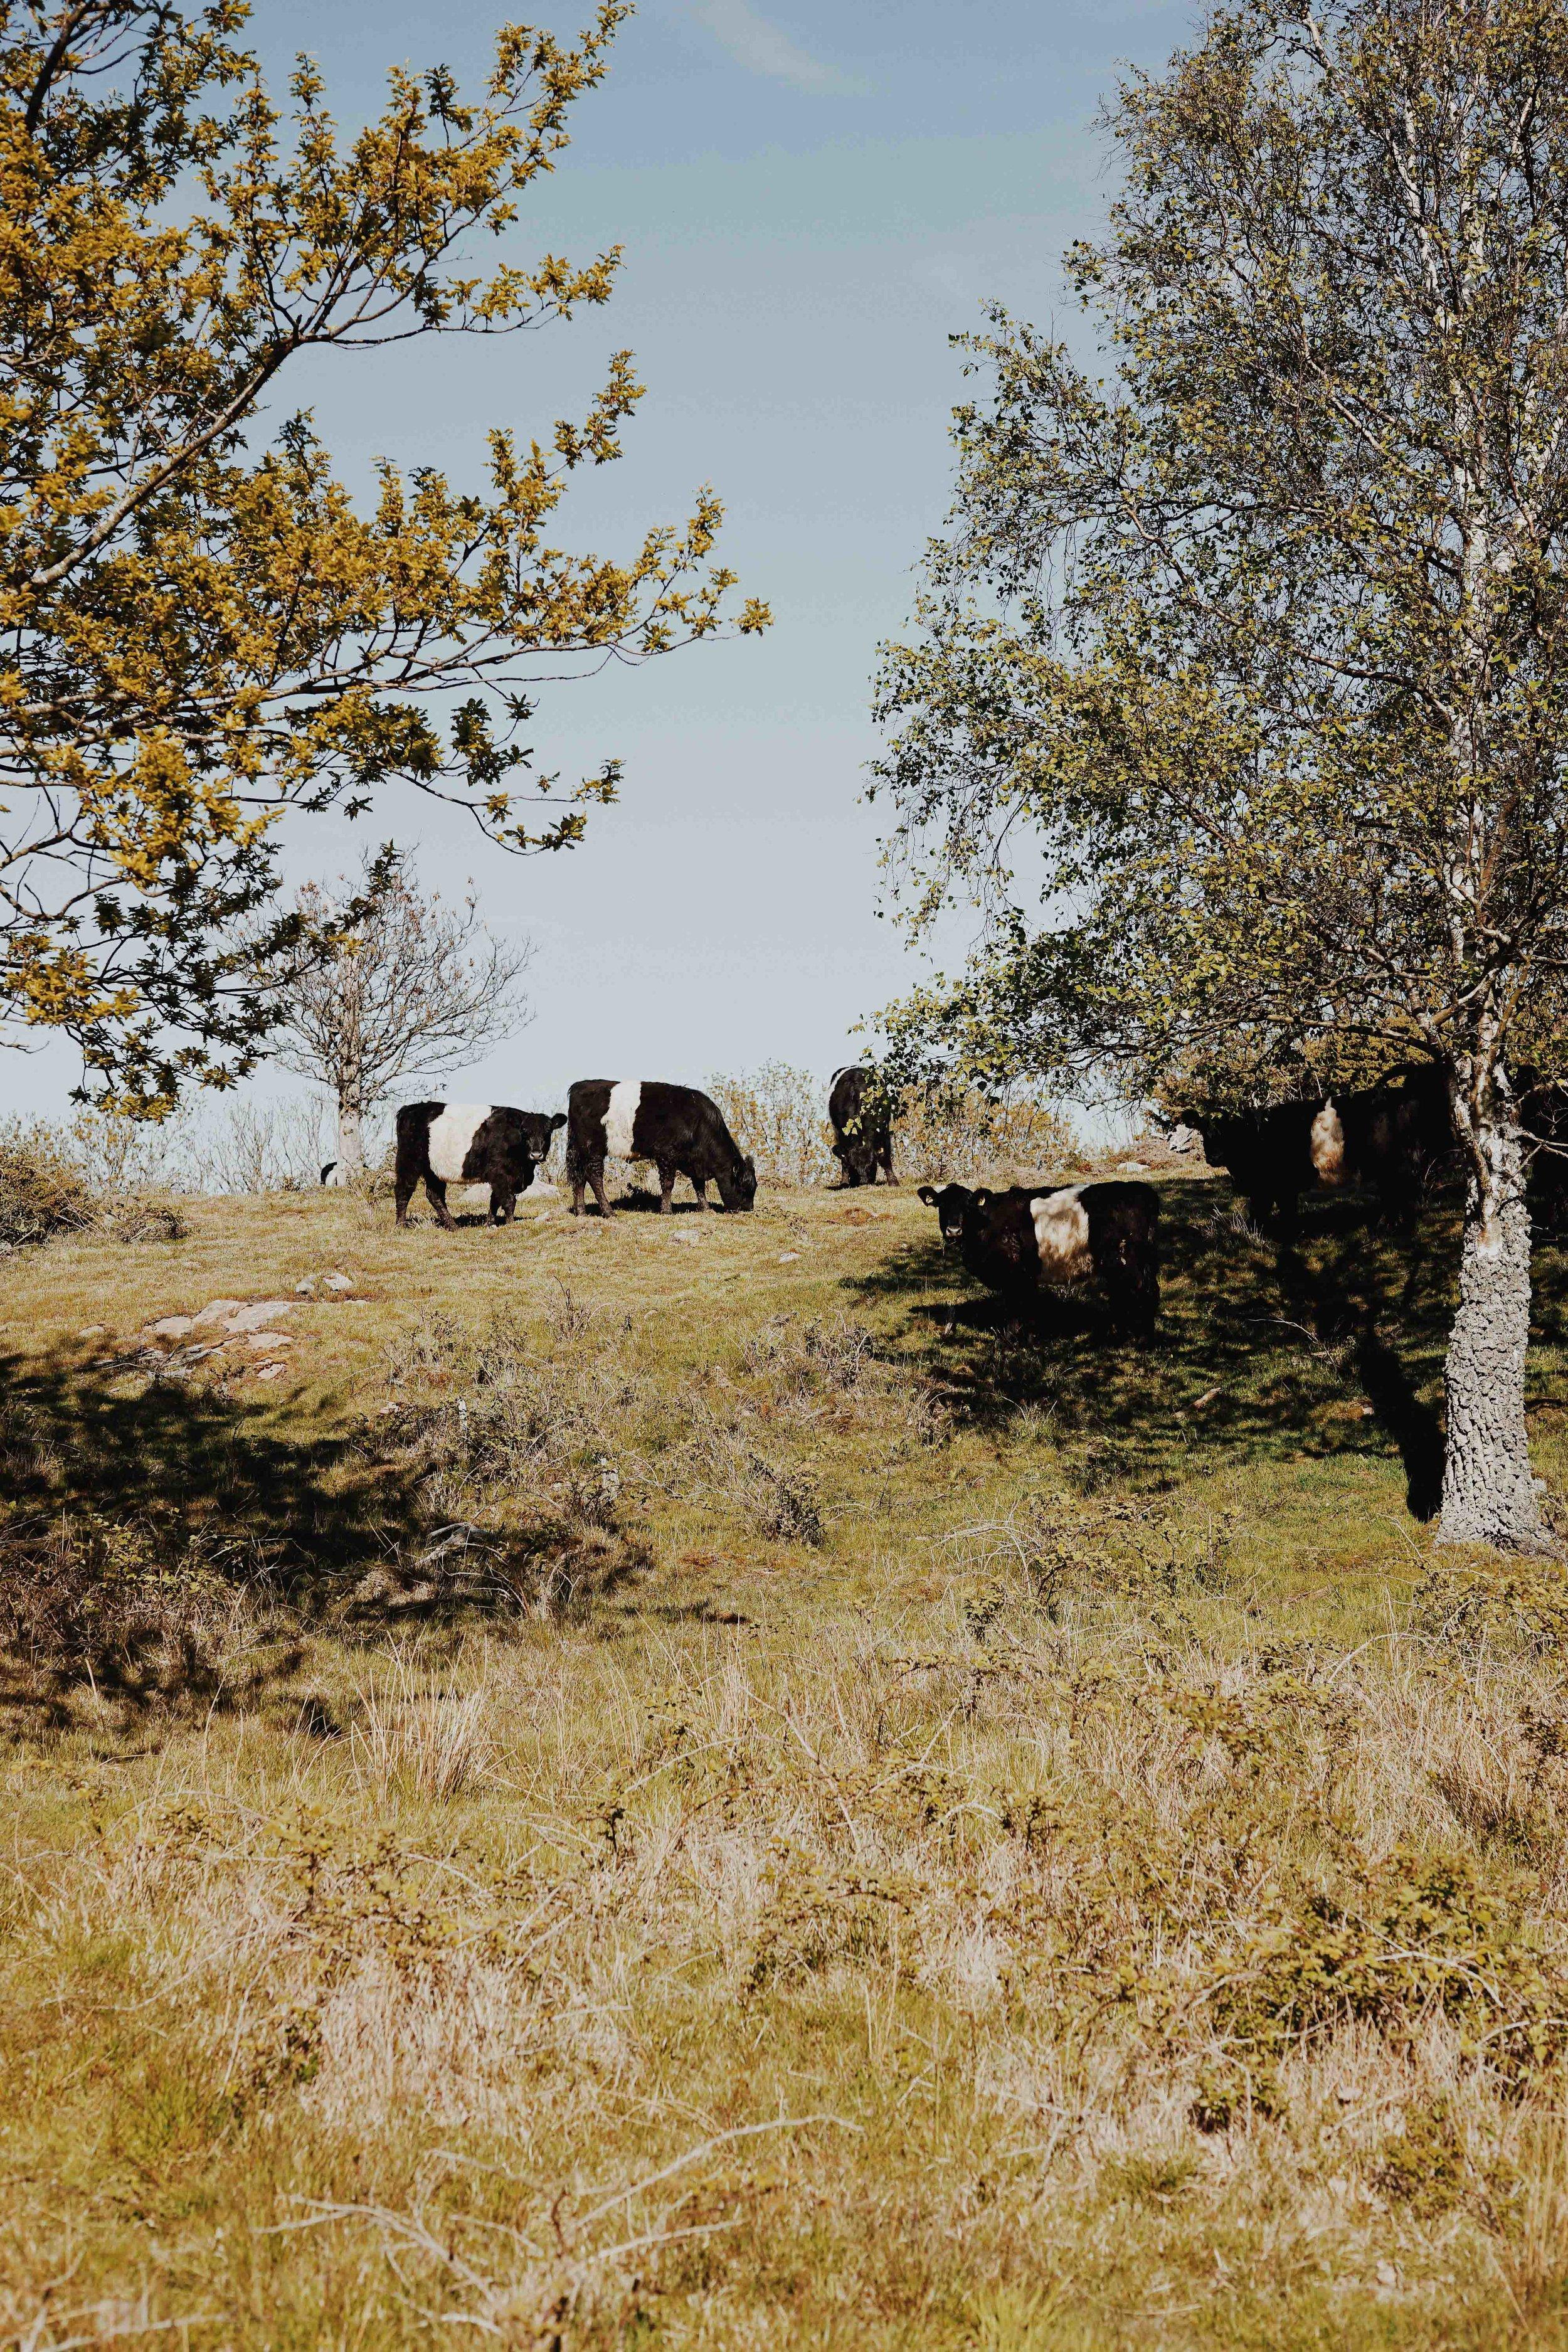 ASROSENVINGE_VisitSkane_Sweden_Molle_Kullaberg_Field_Cow_Herd_LowRes-115.jpg